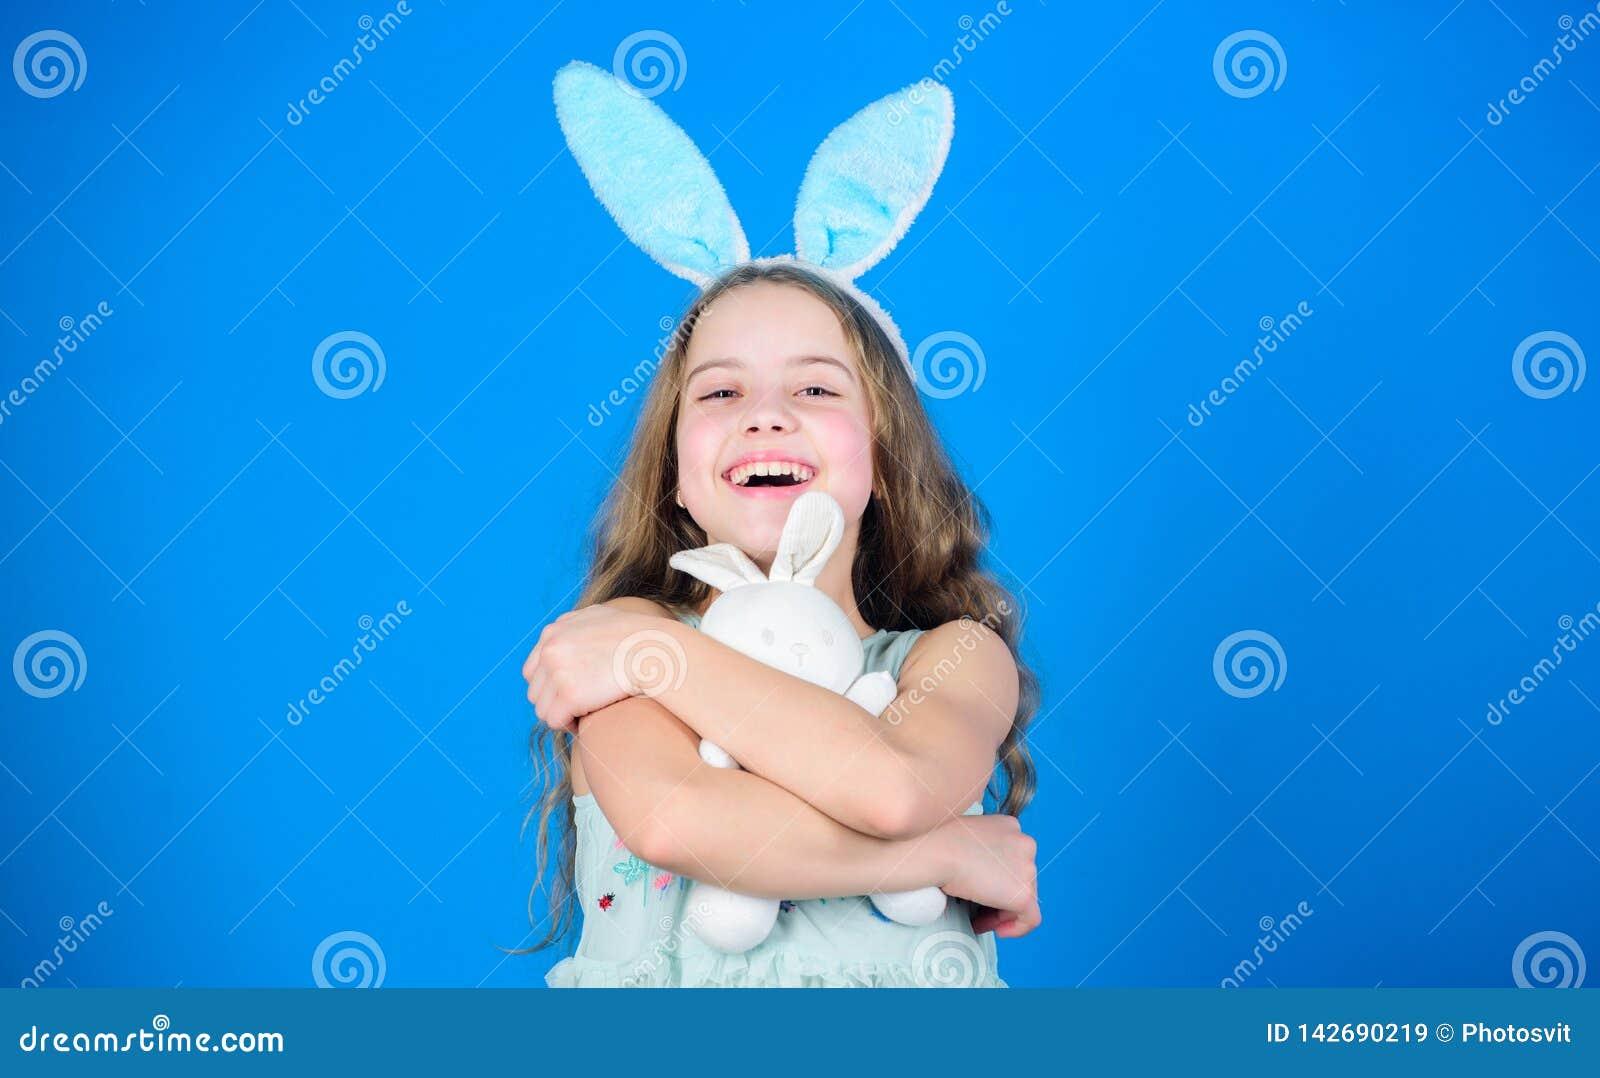 Spielerisches Baby feiern Ostern Frühlingsfeiertag Glückliche Kindheit Fröhliche Ostern Bereiten Sie für Ostern-Tag vor Ostern-Tä